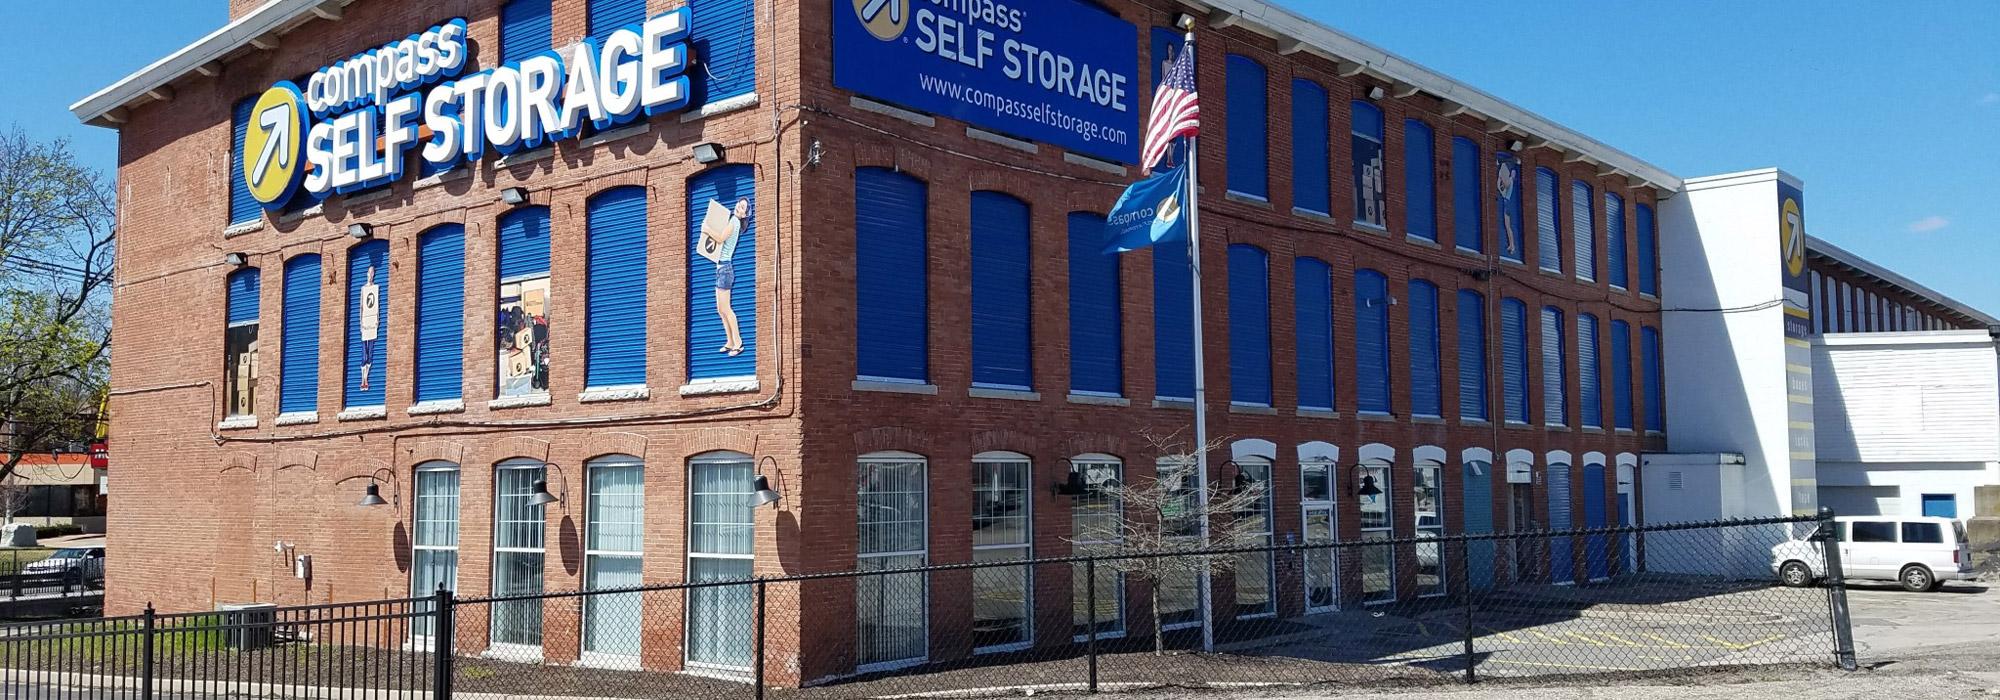 Self storage in Providence RI